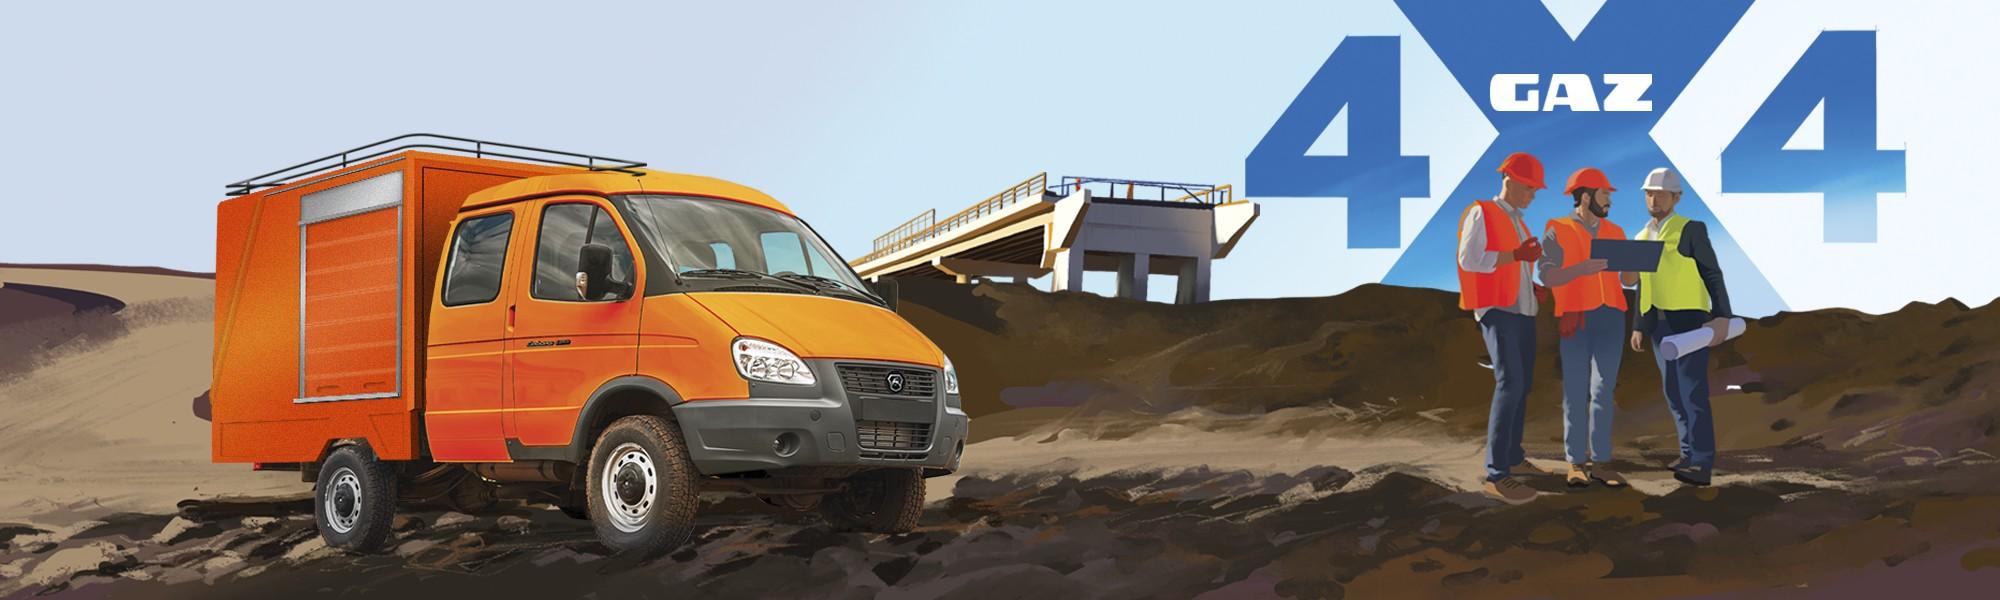 Спецпредложение Выгода ГАЗ 4х4 от от 738 360 ₽. Специальная цена при покупке ГАЗ 4х4. Десктопное изображение